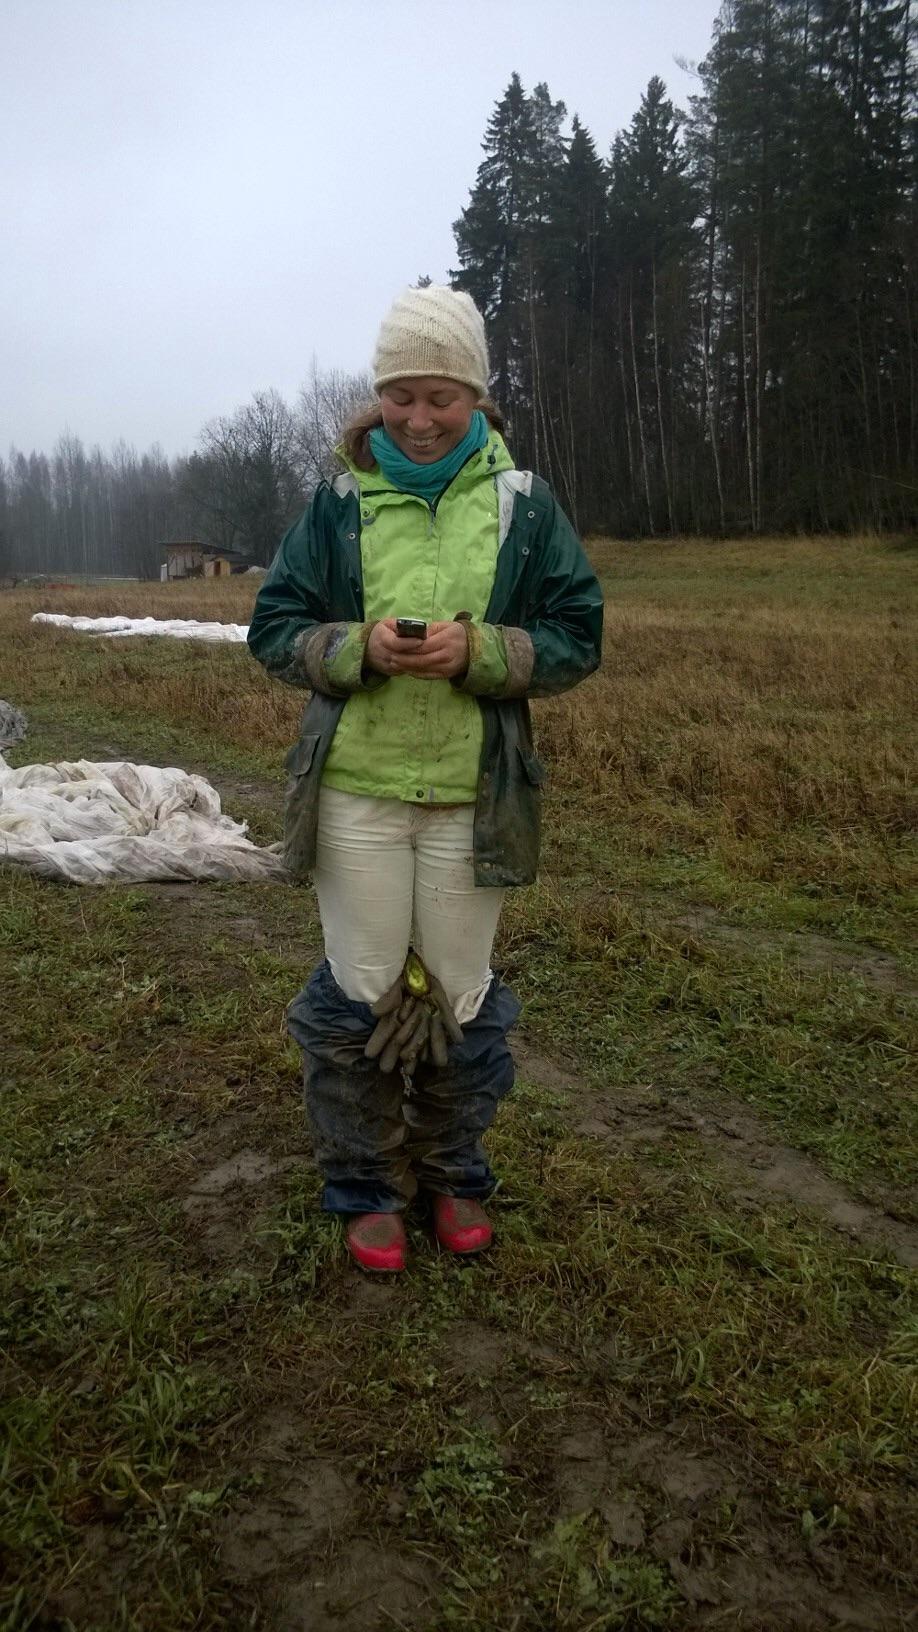 Heidillä on toimisto aina mukana pellolla, joskus täyyy riisua ensmmäinen kuravaate kerros, että saa vastattua osuuskuntalaiselle